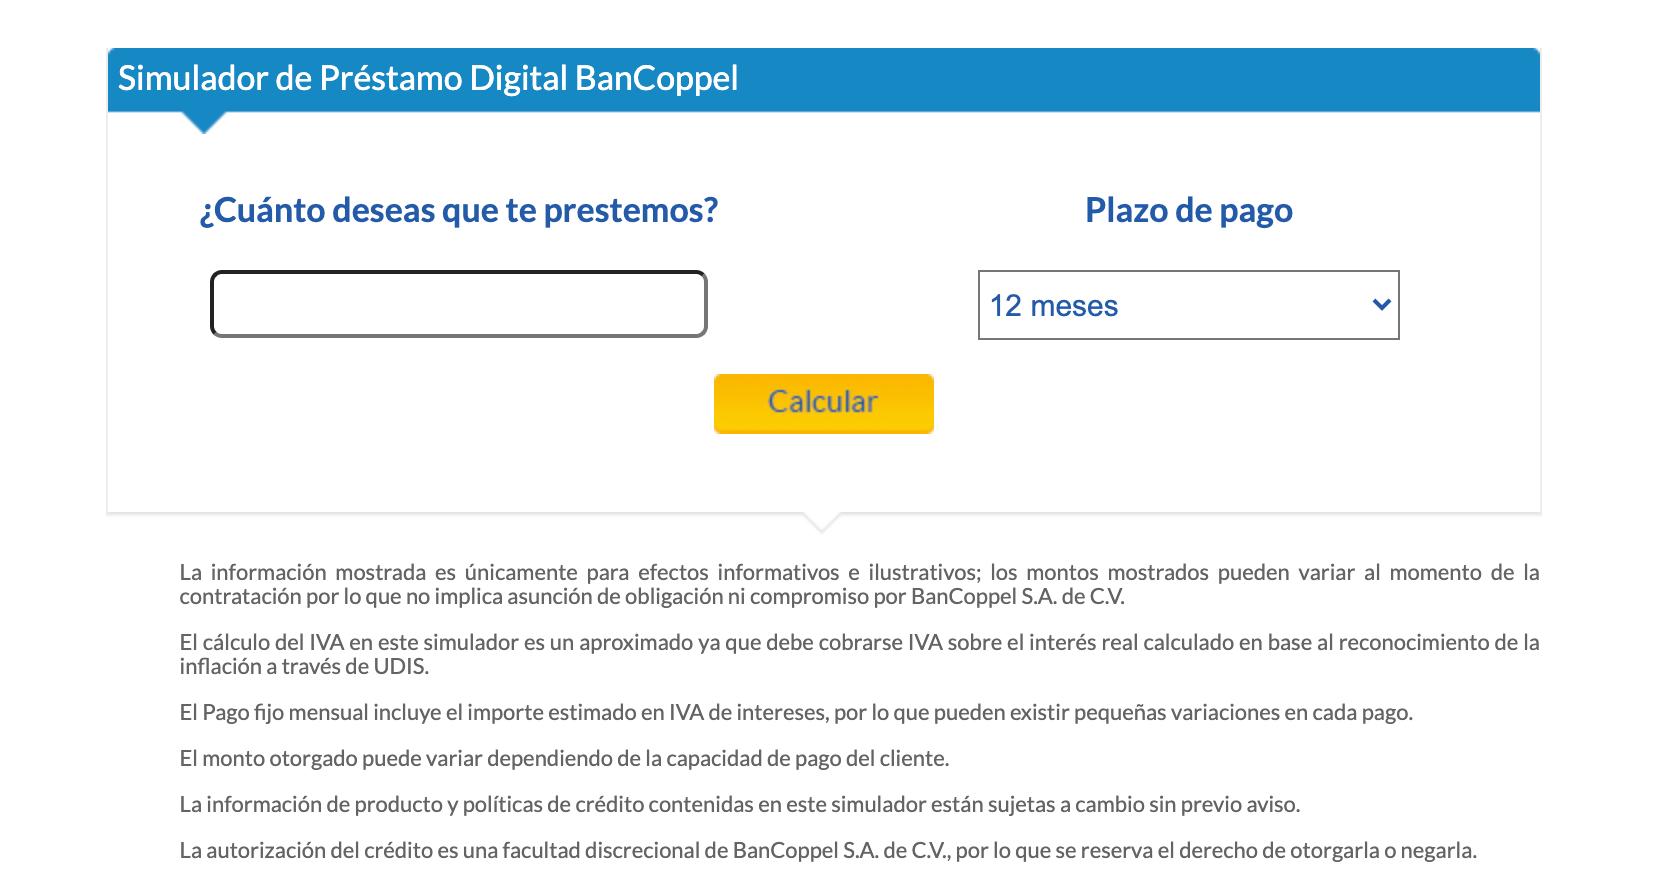 Conozca los beneficios y las tasas de interés de los préstamos personales de BanCoppel